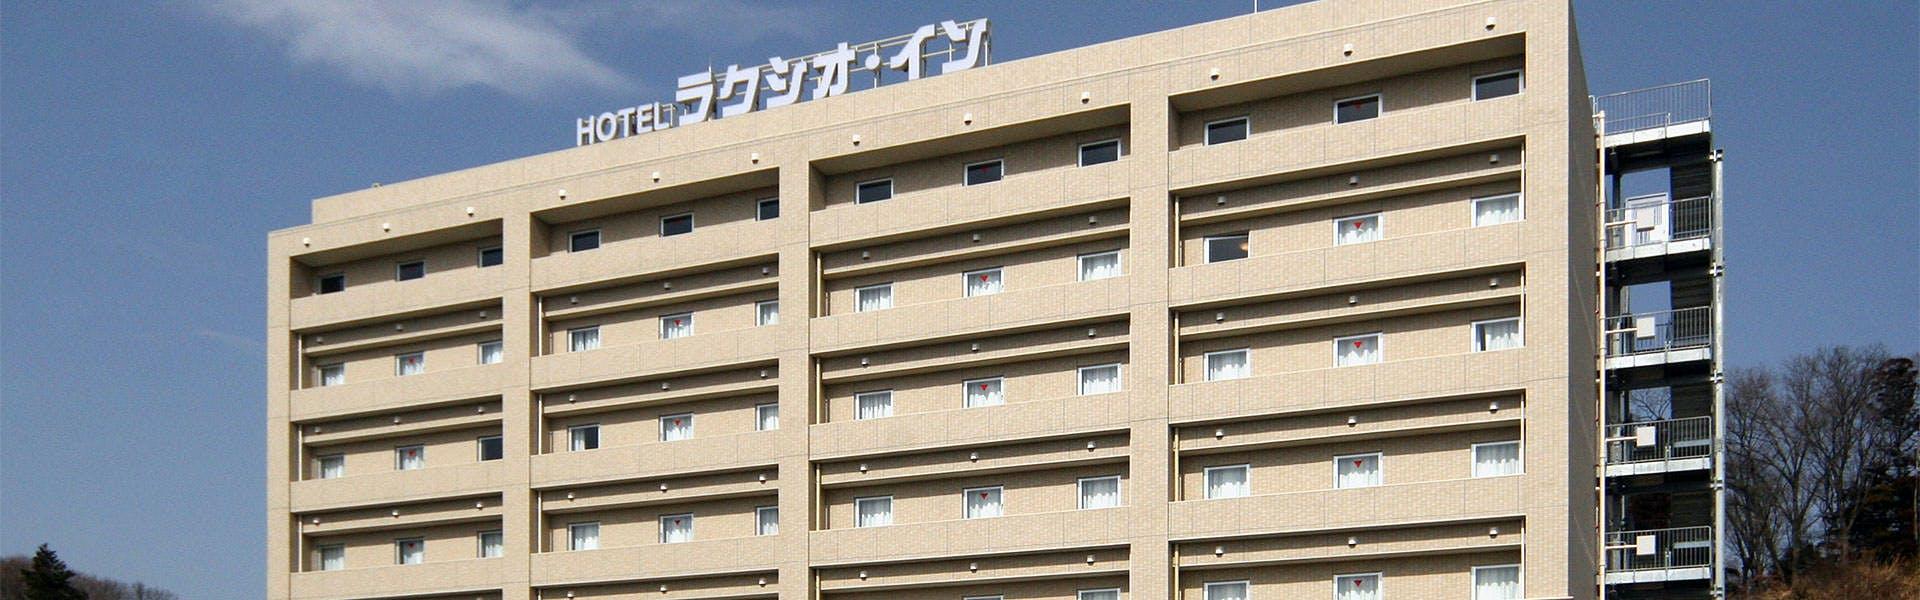 記念日におすすめのホテル・【ラクシオ・イン】の写真1